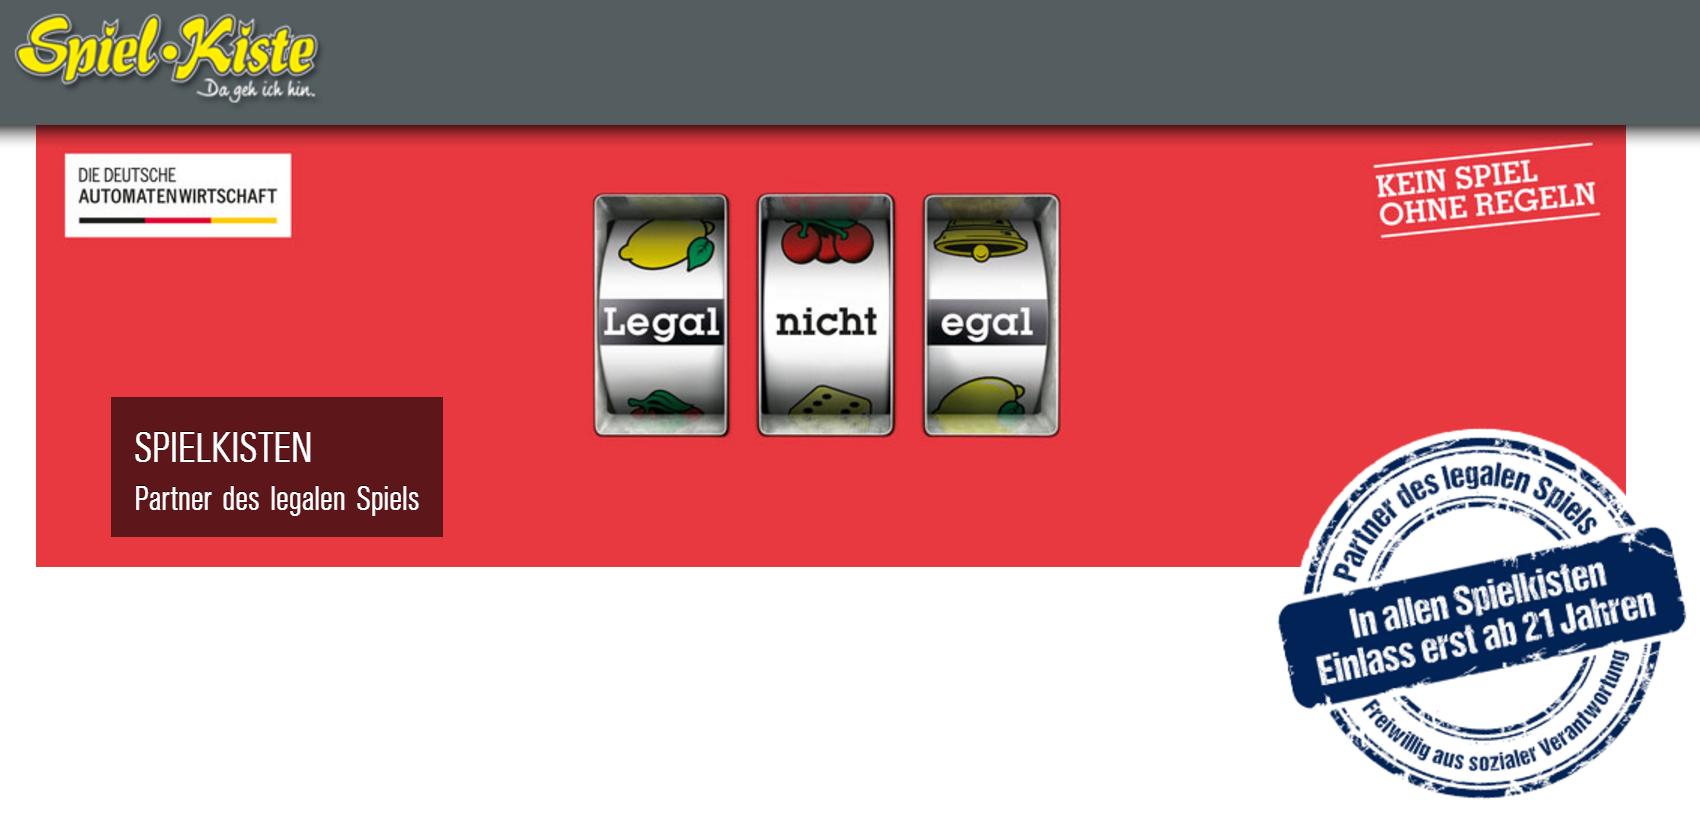 Spiel Kiste GmbH Erfahrung